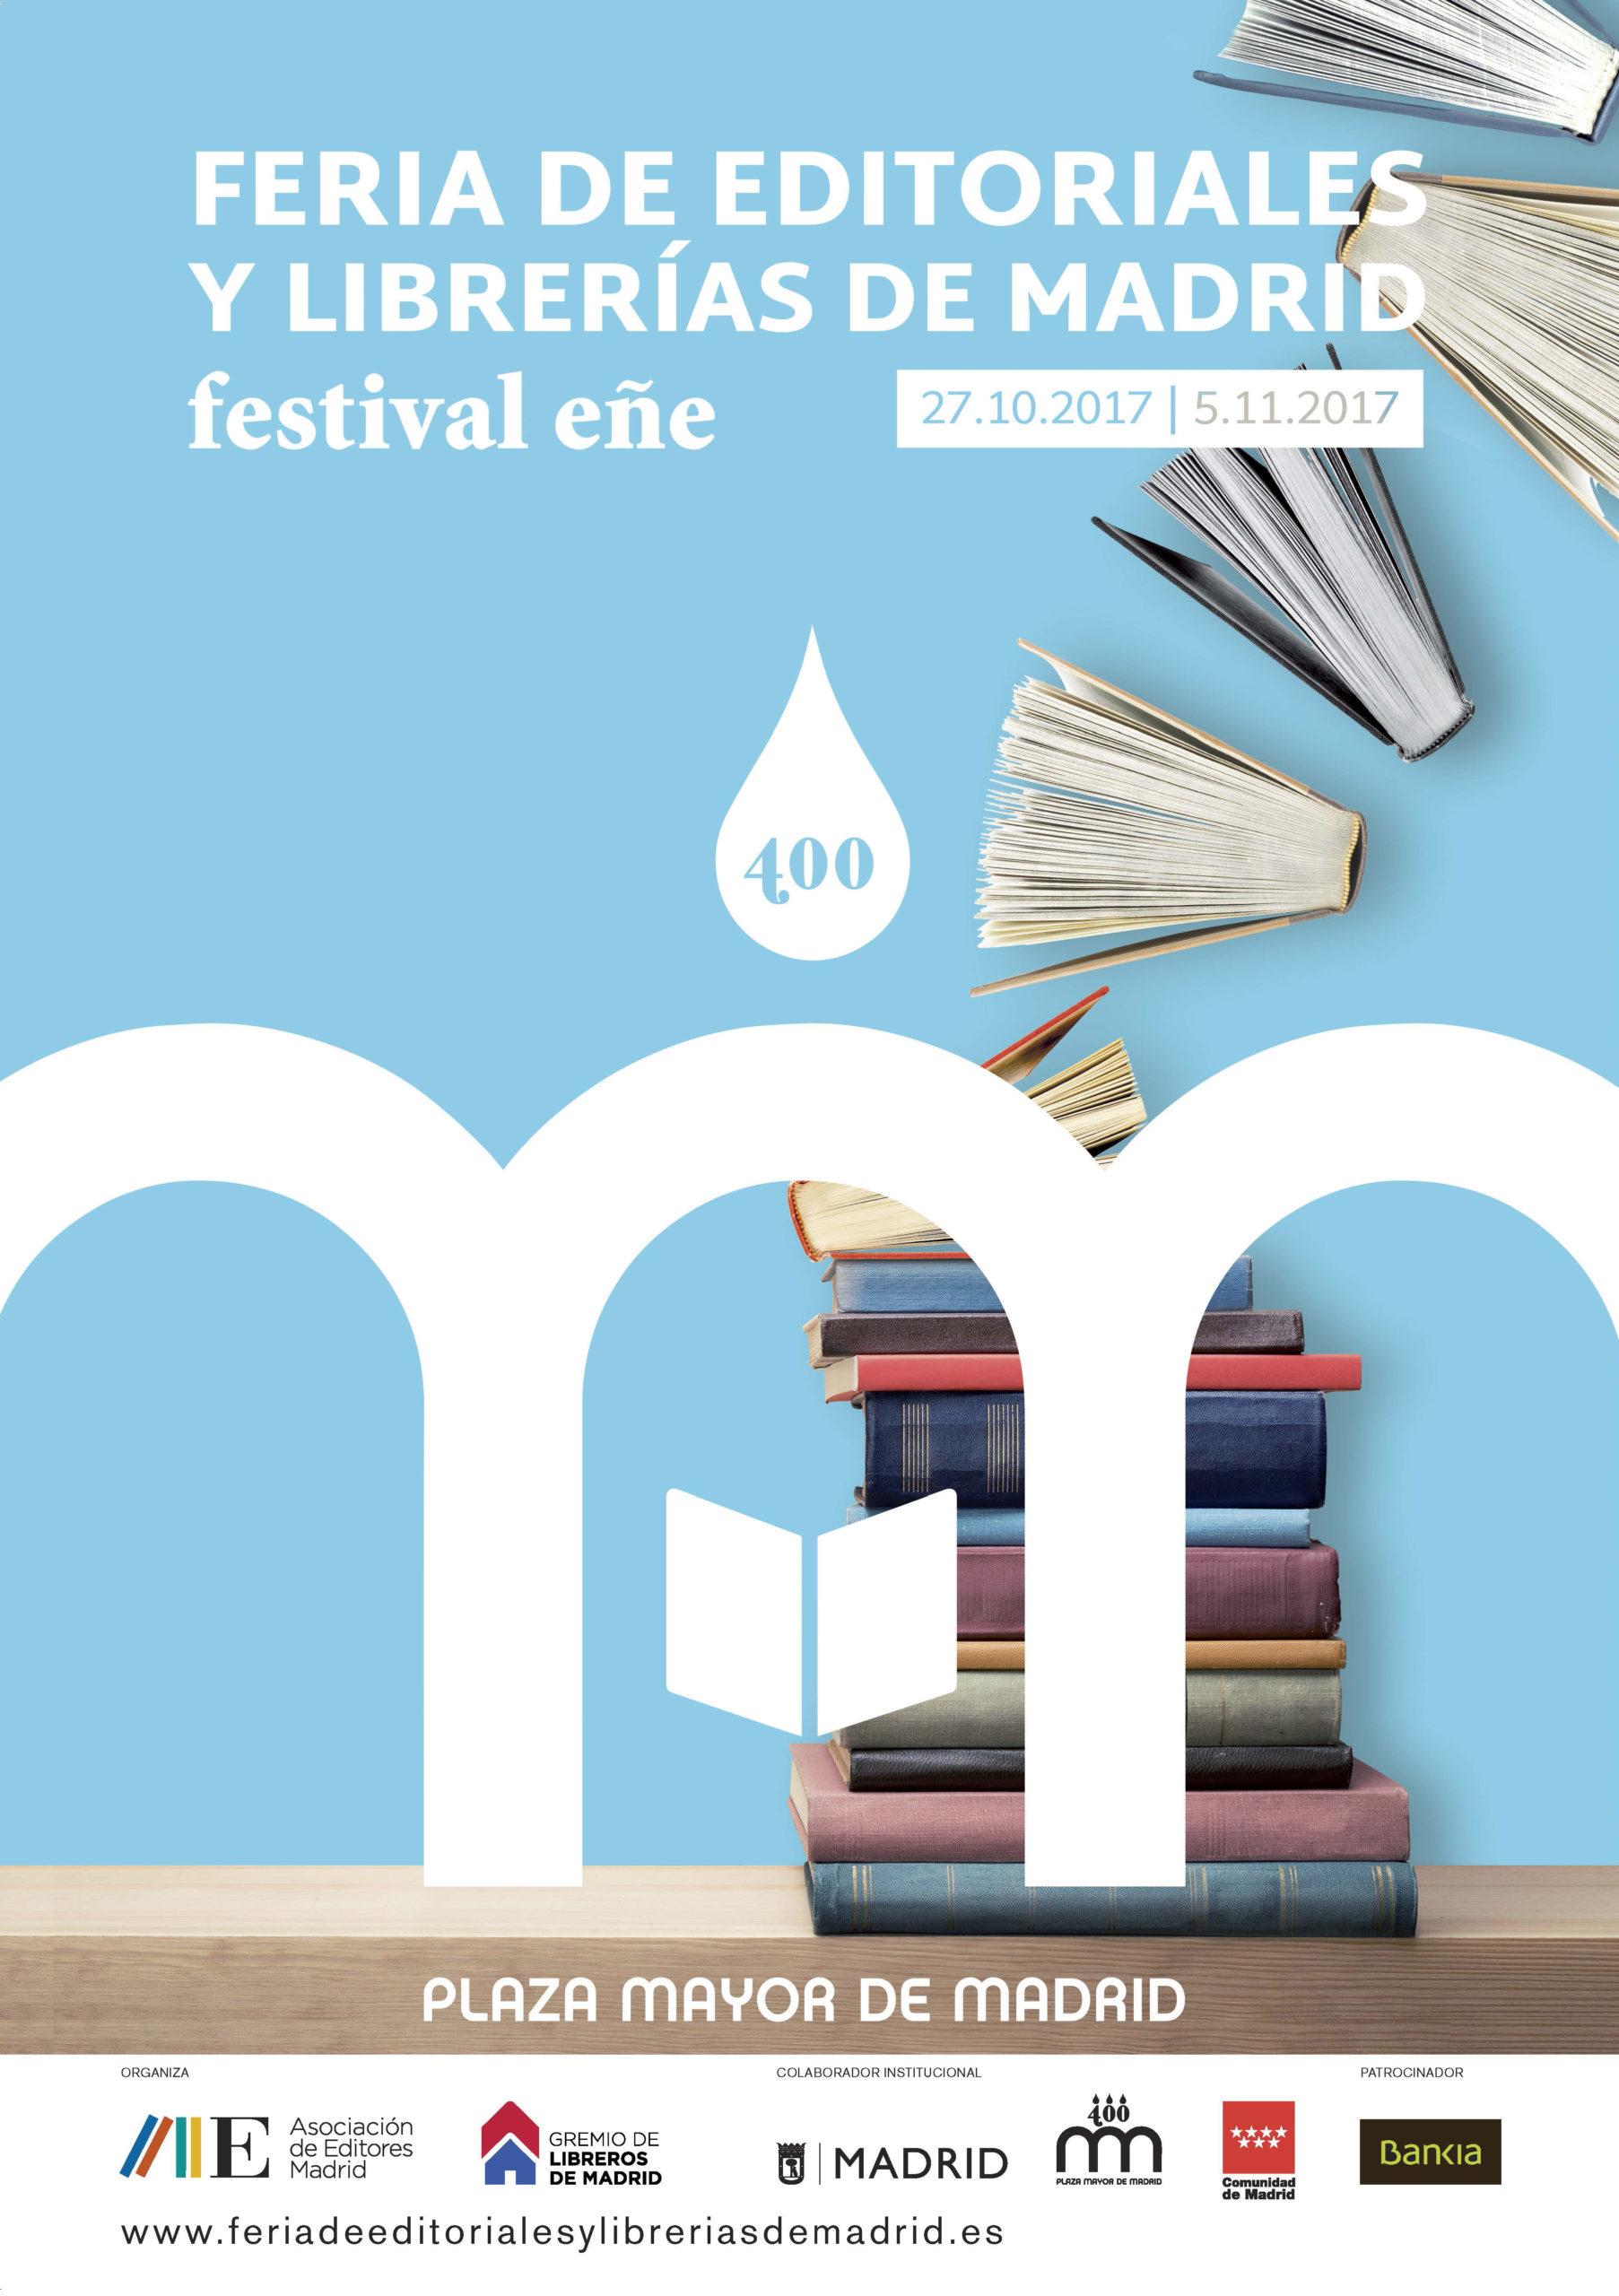 Feria de Editores y Librerías de Madrid